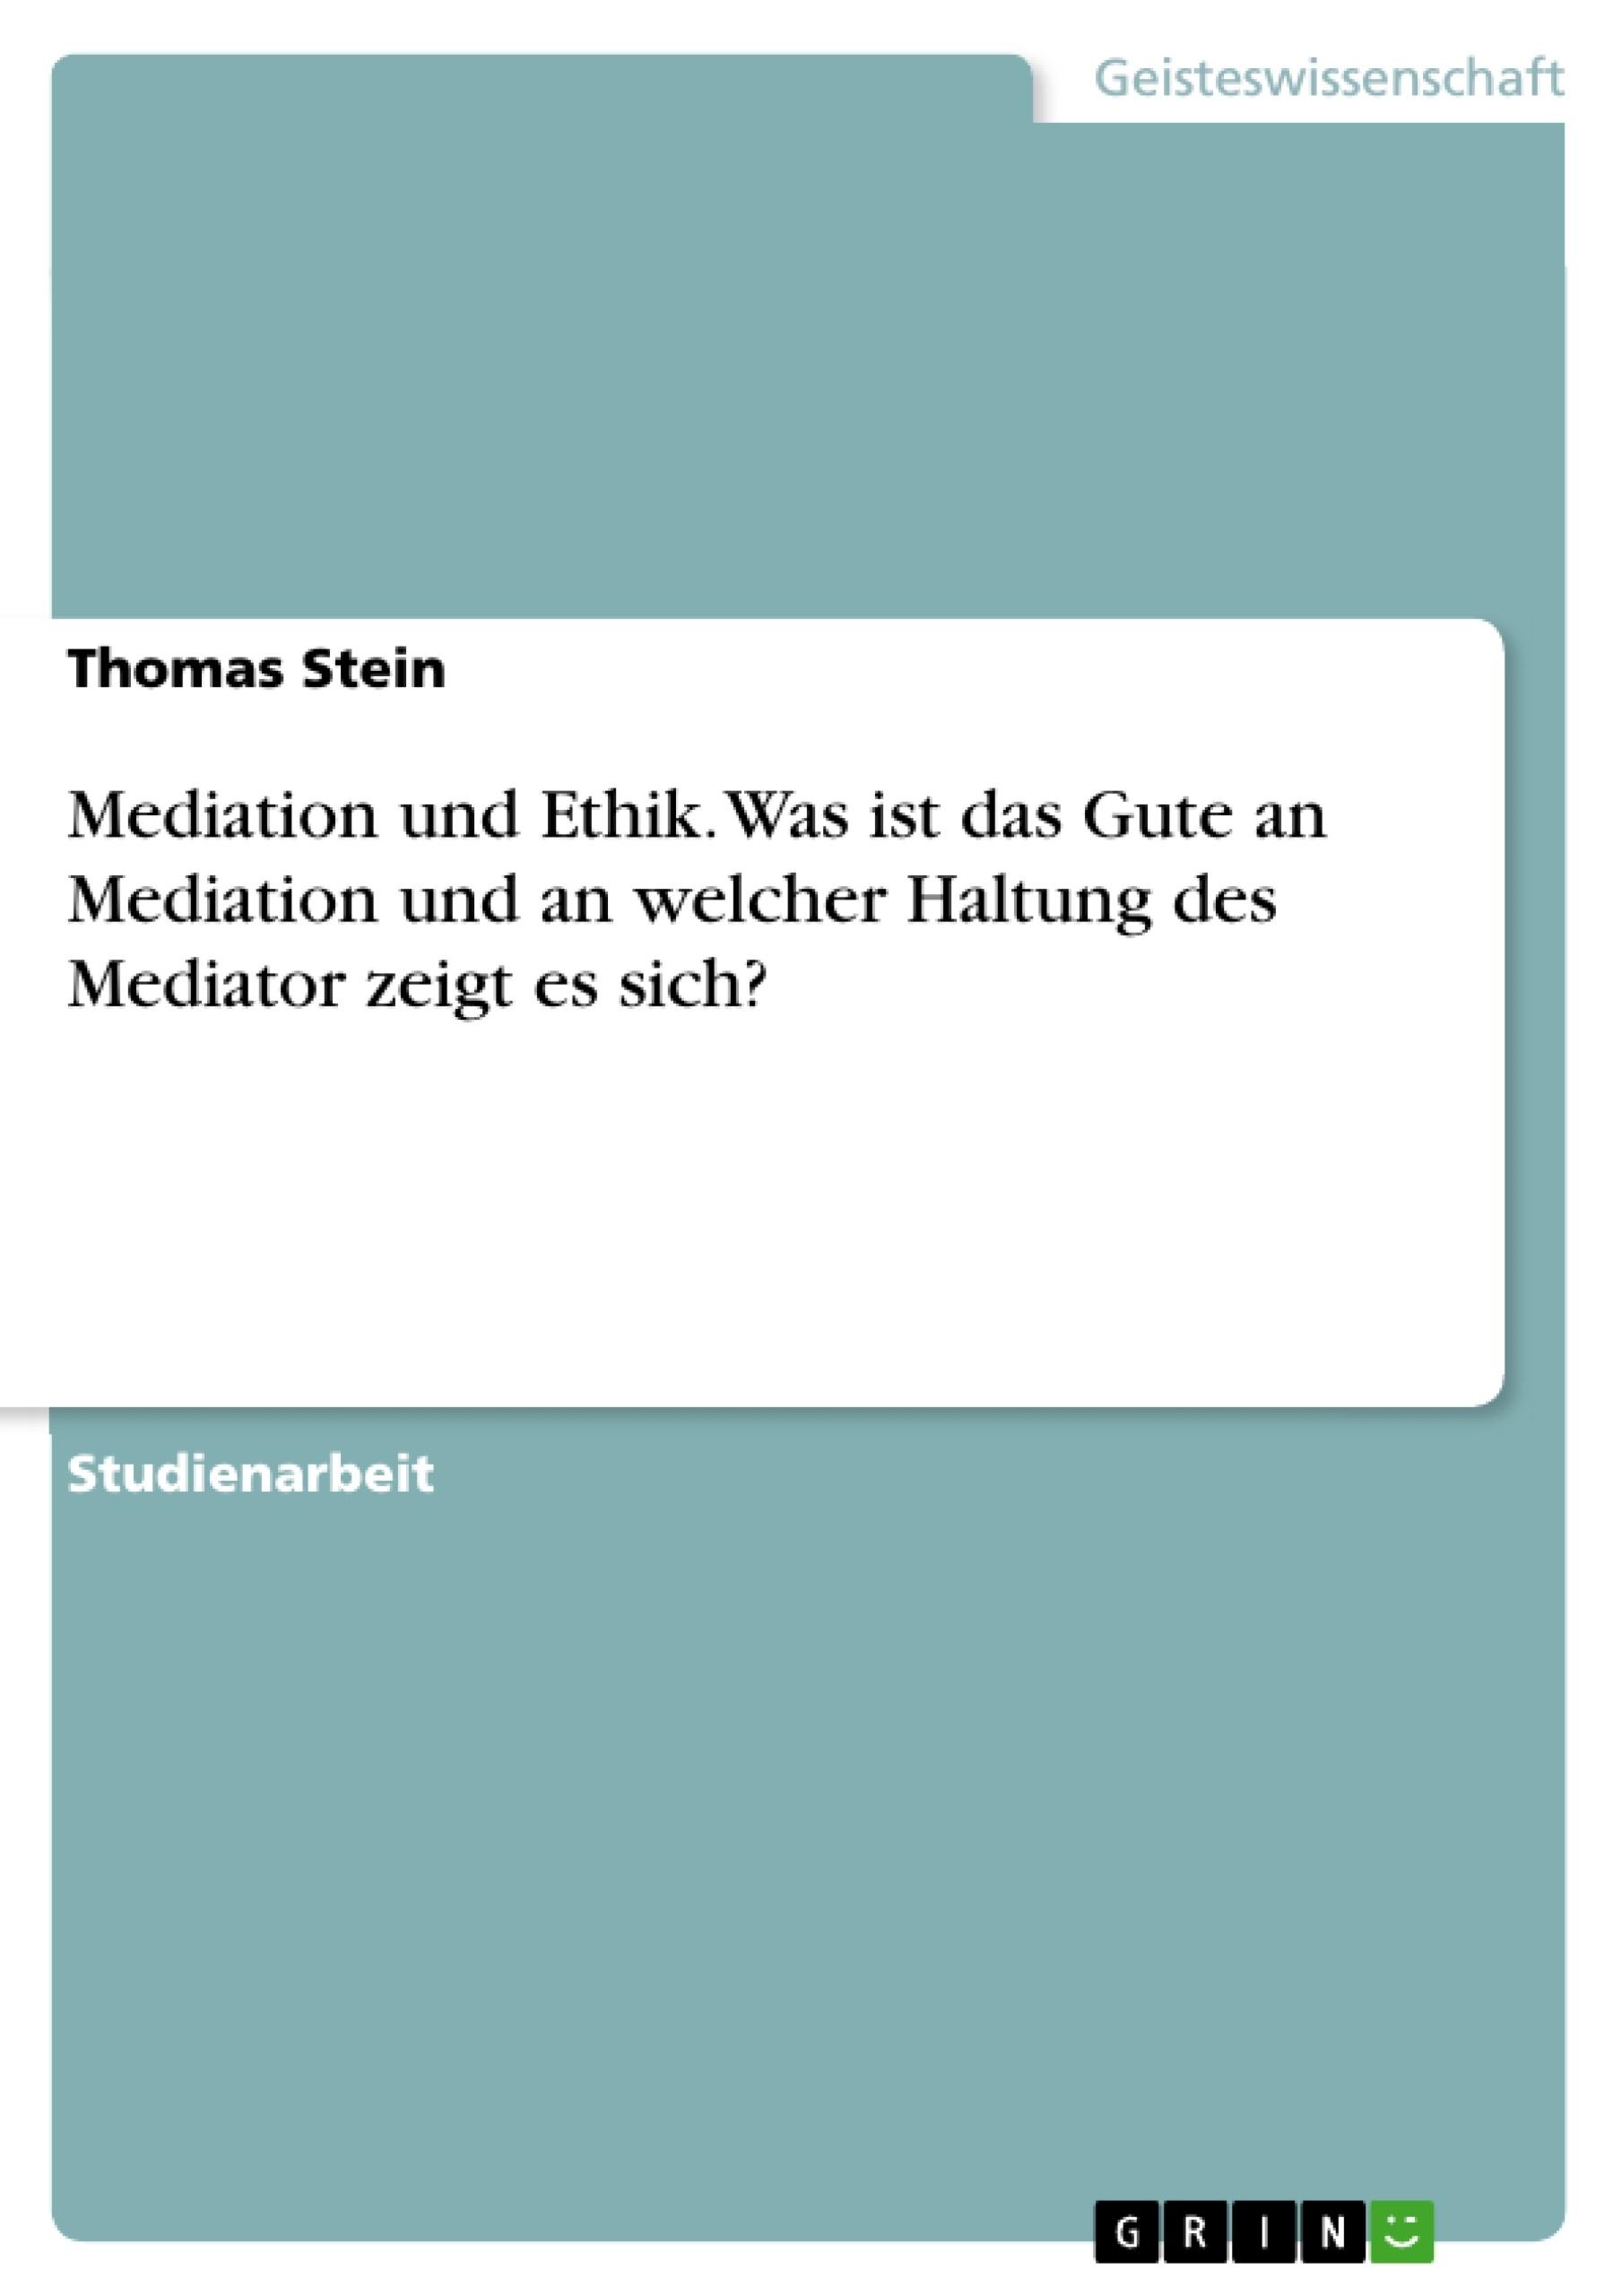 Titel: Mediation und Ethik. Was ist das Gute an Mediation und an welcher Haltung des Mediator zeigt es sich?